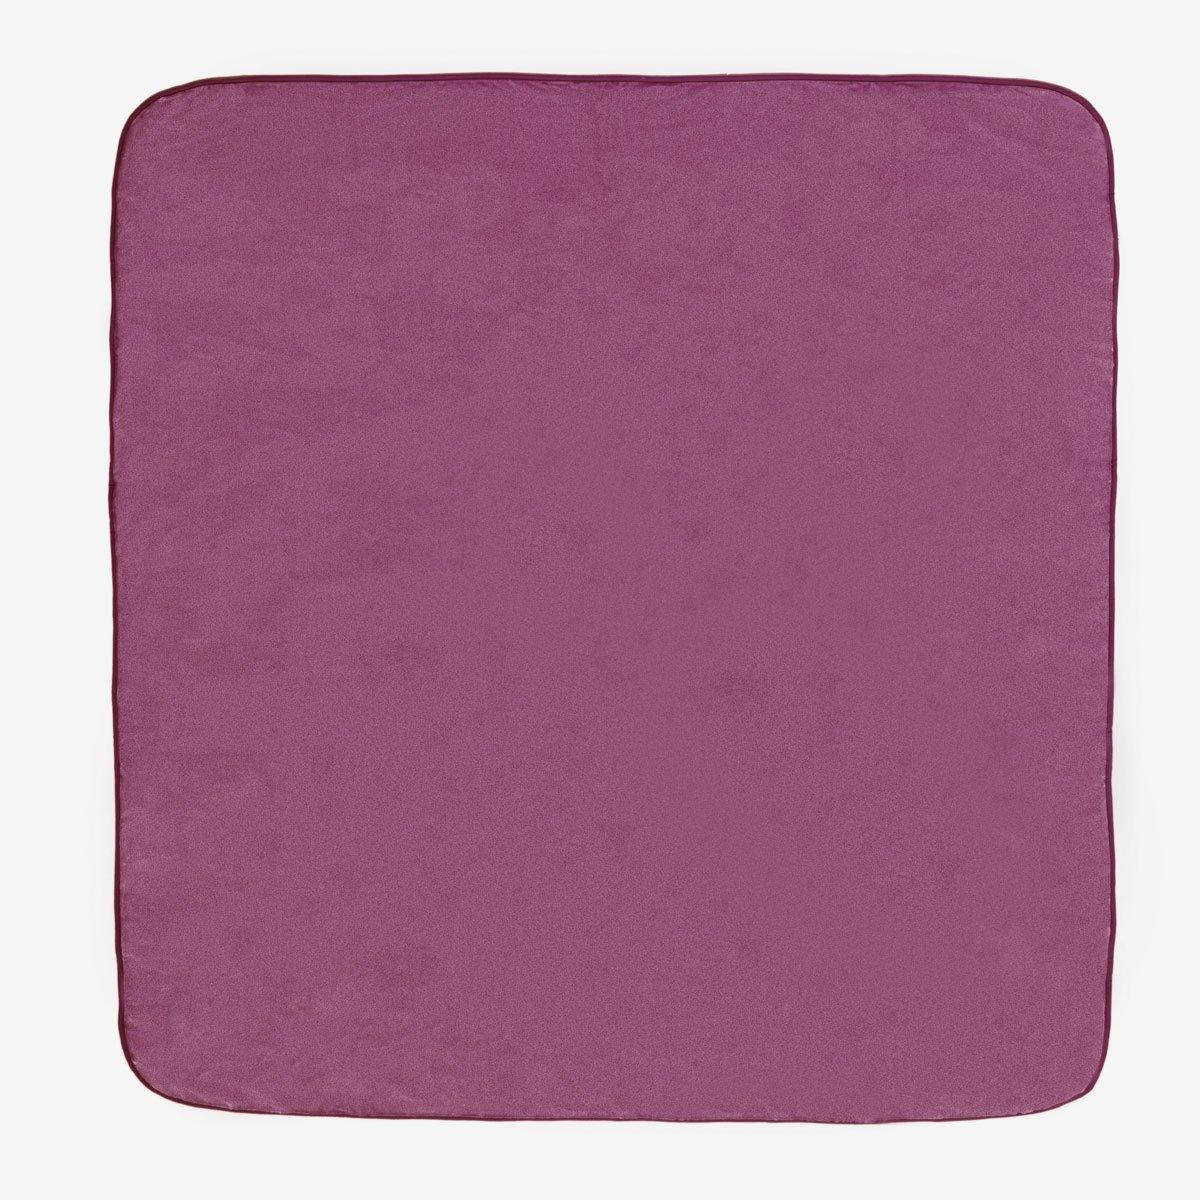 Sancarlos OSLO - Manta Lisa de Terciopelo Suave, Color Morado, Cama de 90 cm, 160x240 cm